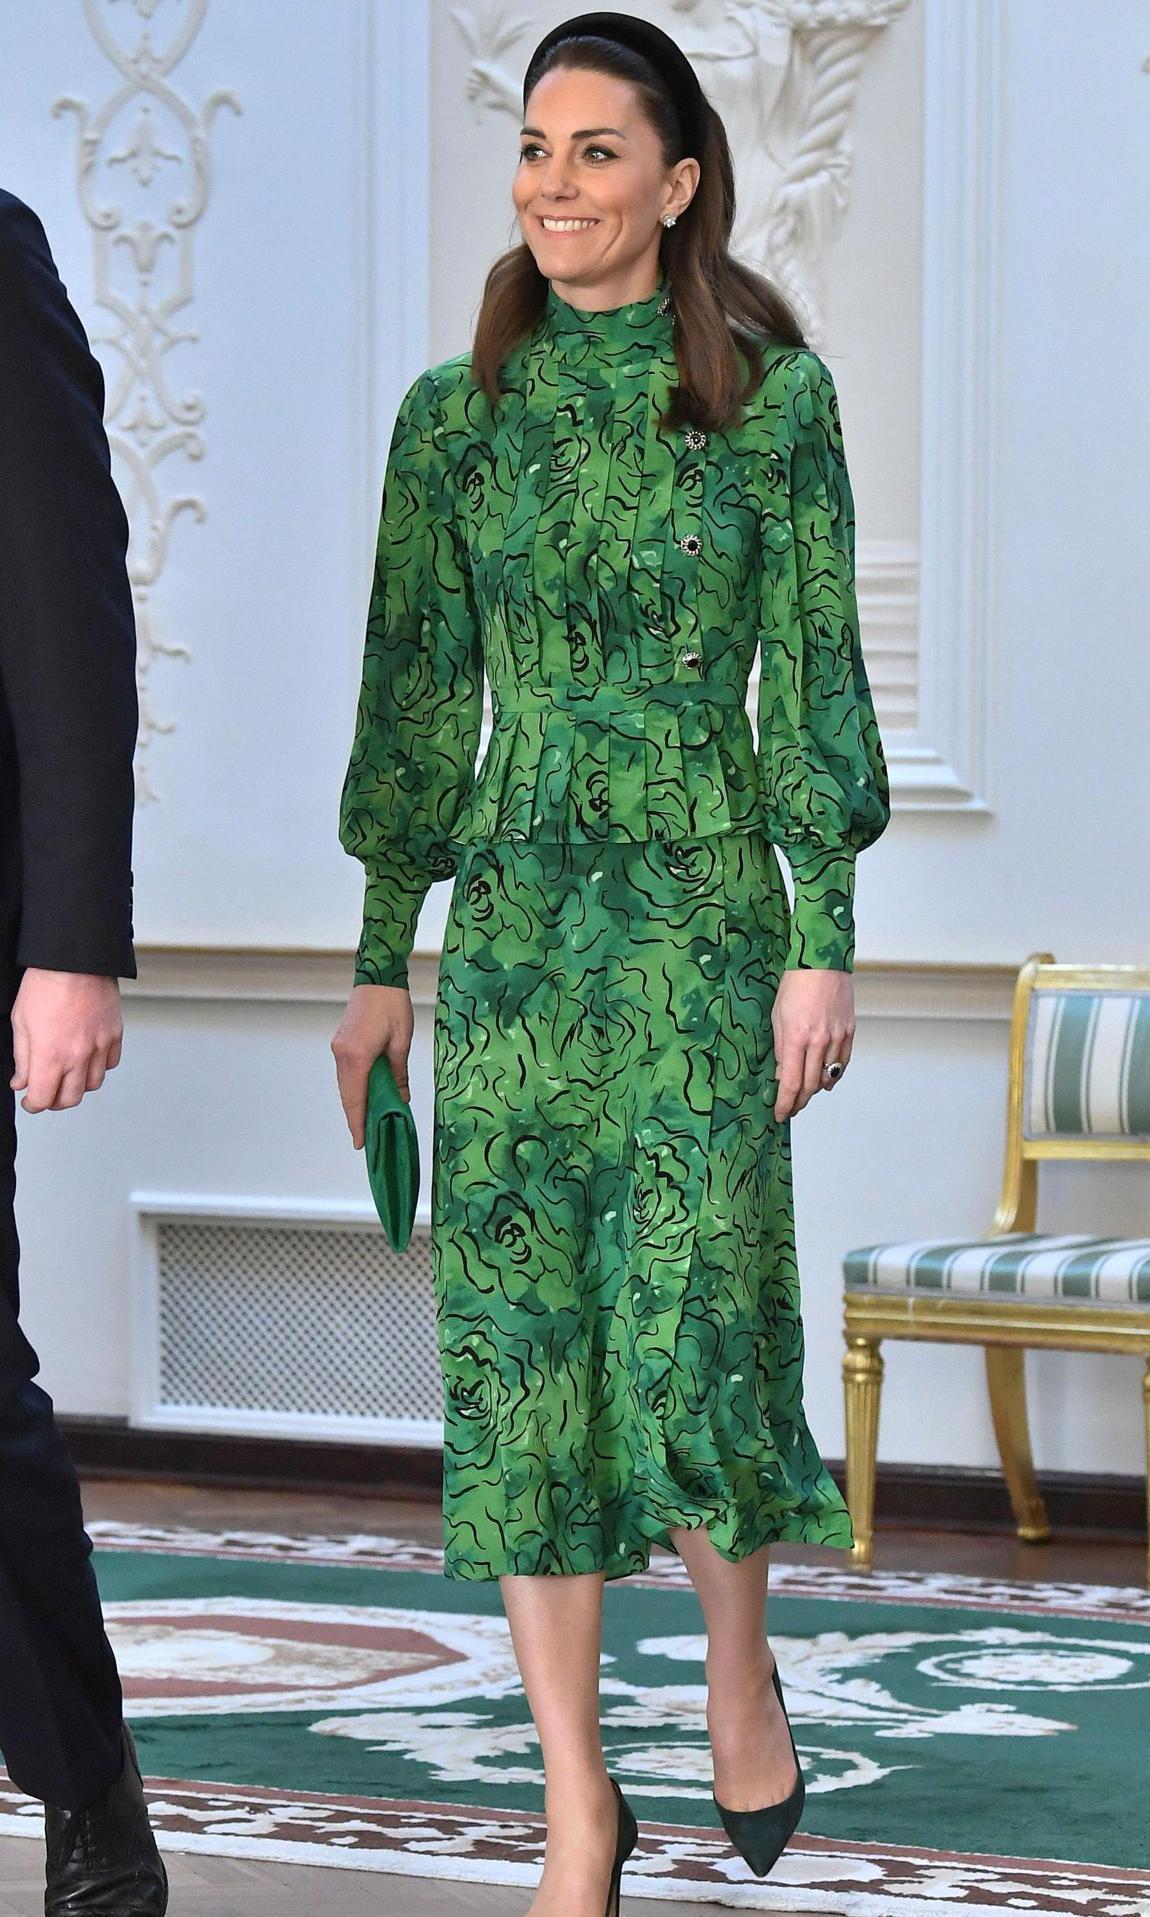 Visite du duc et de la duchesse de Cambridge en Irlande - Premier jour